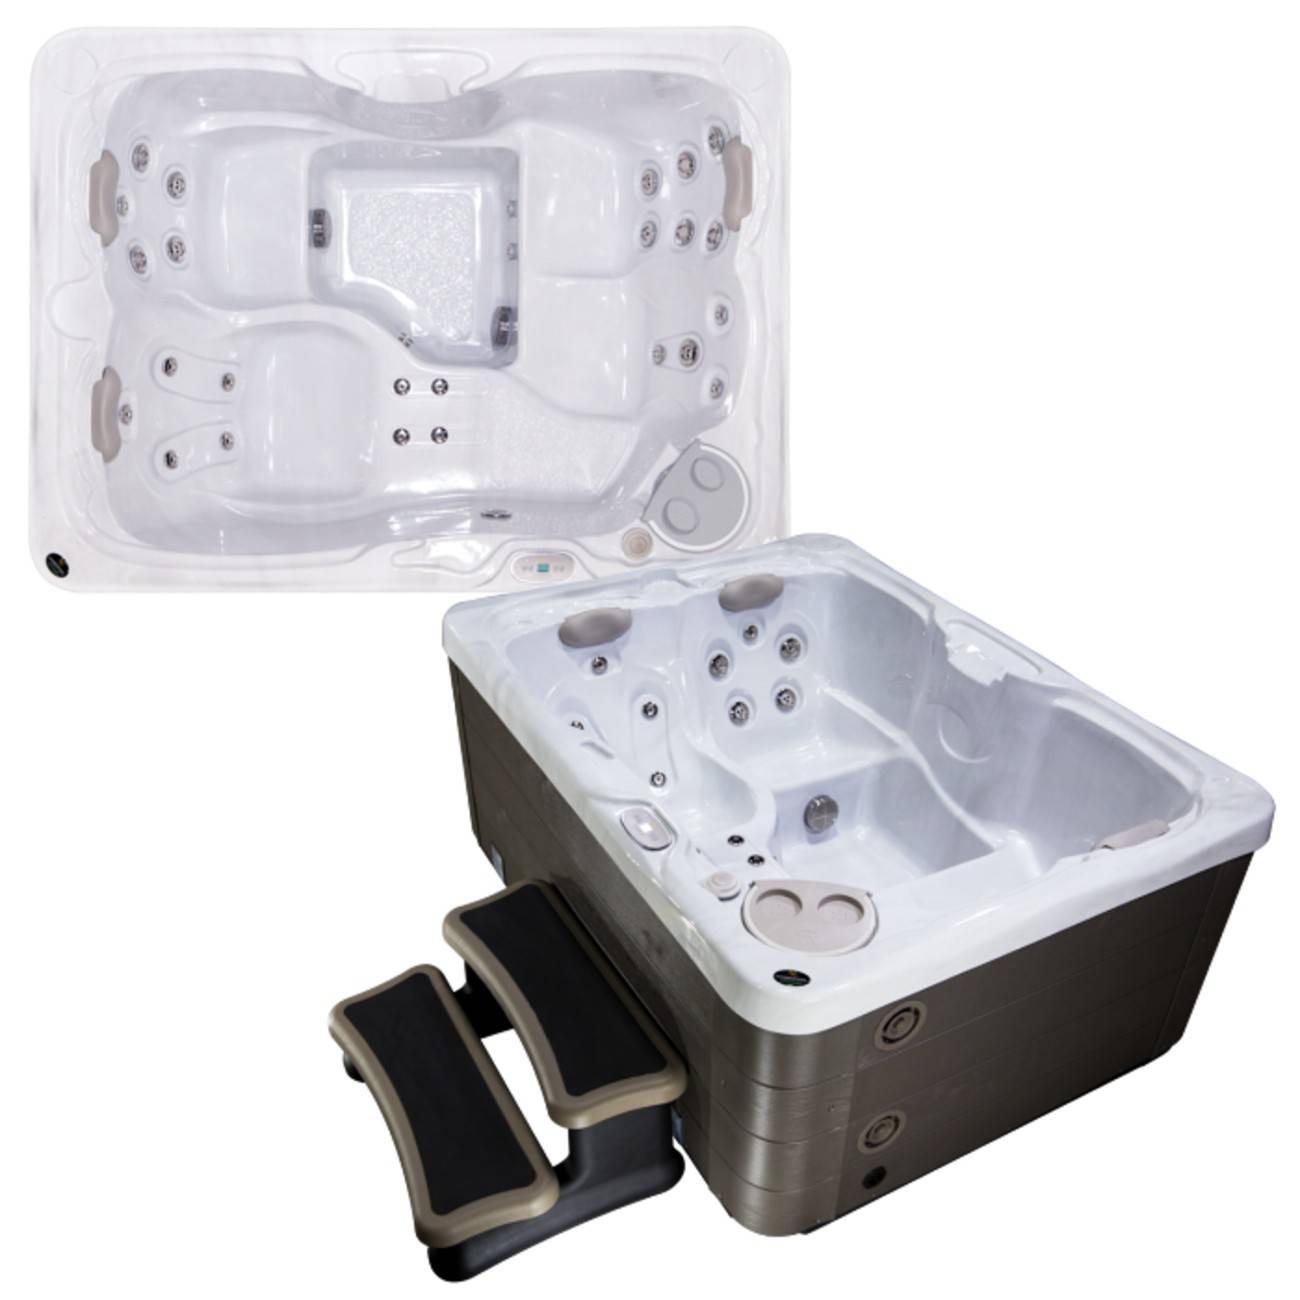 Classic SE4L Hot tub